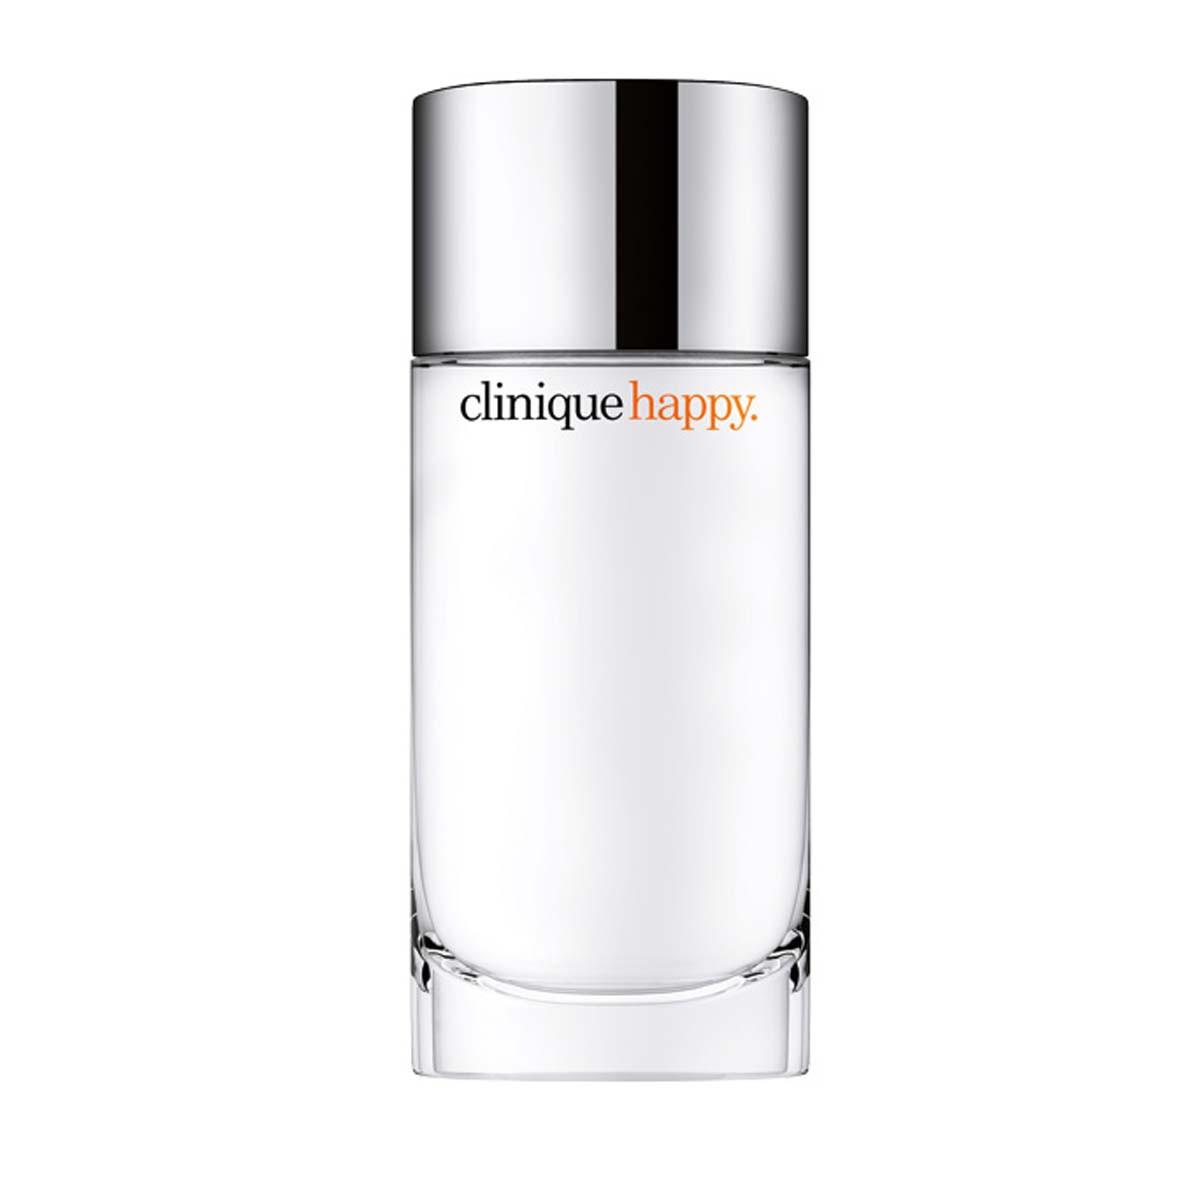 Clinique clinique happy eau de parfum spray 50 ml, Arancione, large image number 0